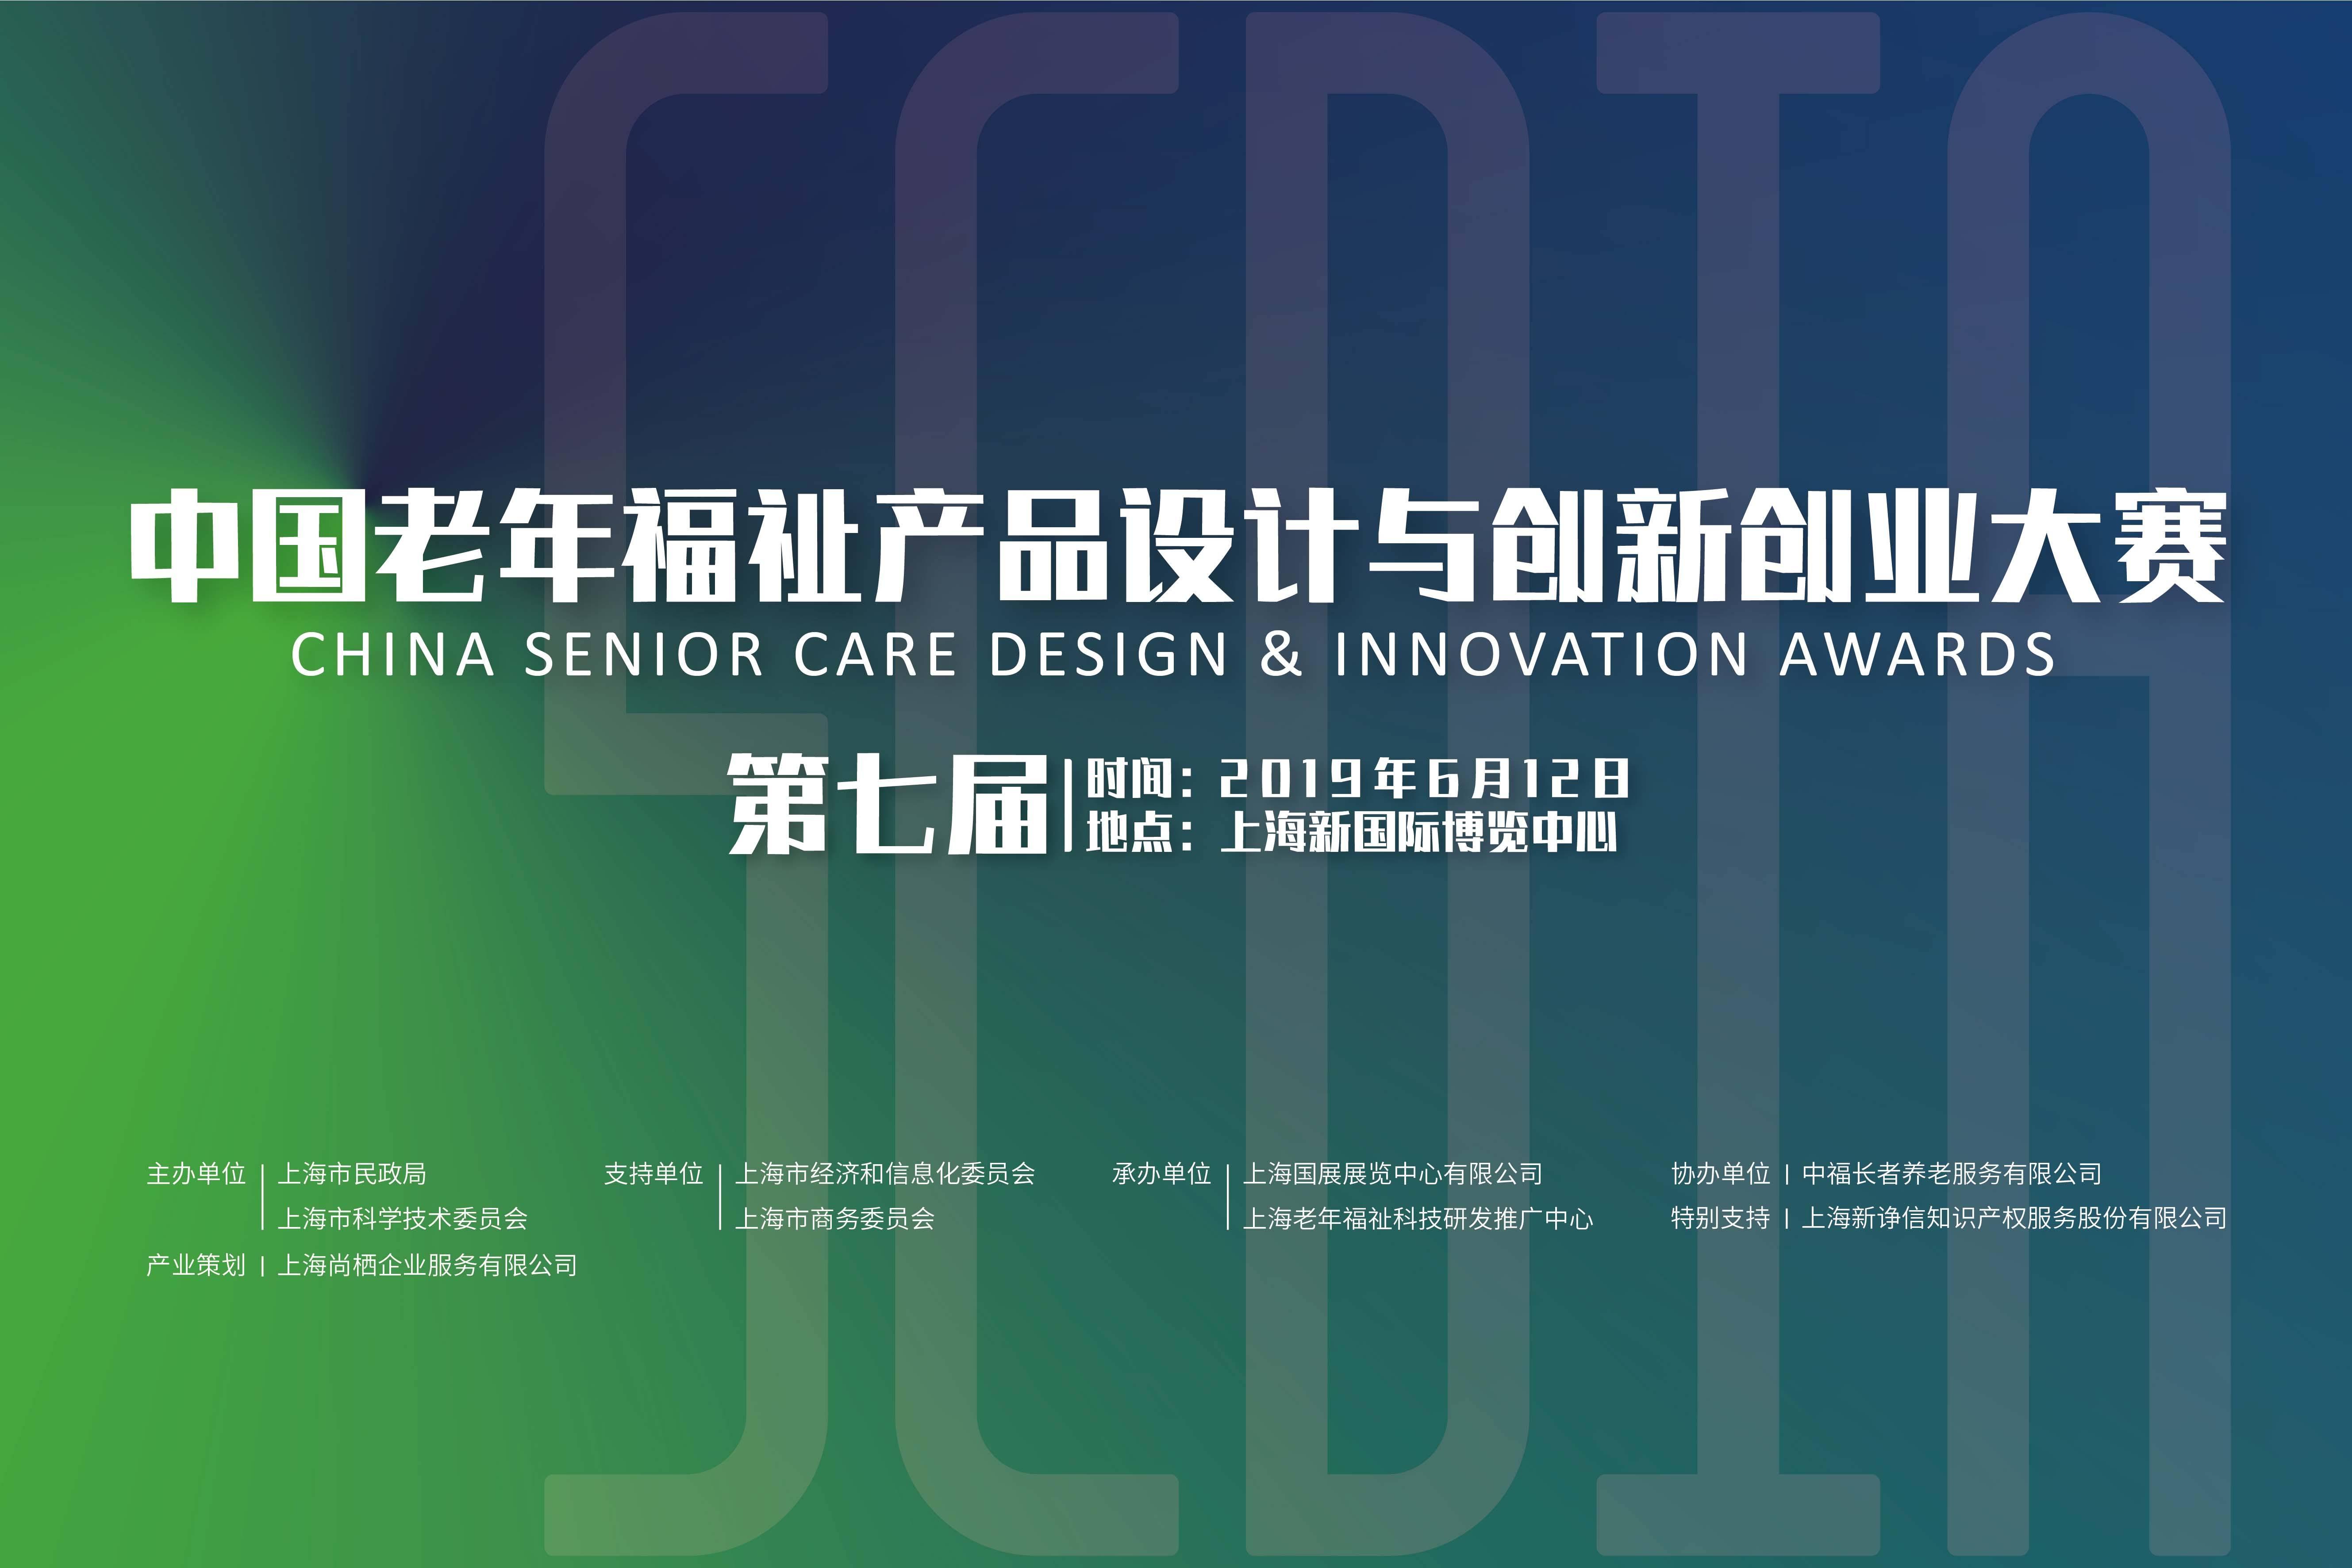 第七届中国老年福祉产品设计与创新创业大赛